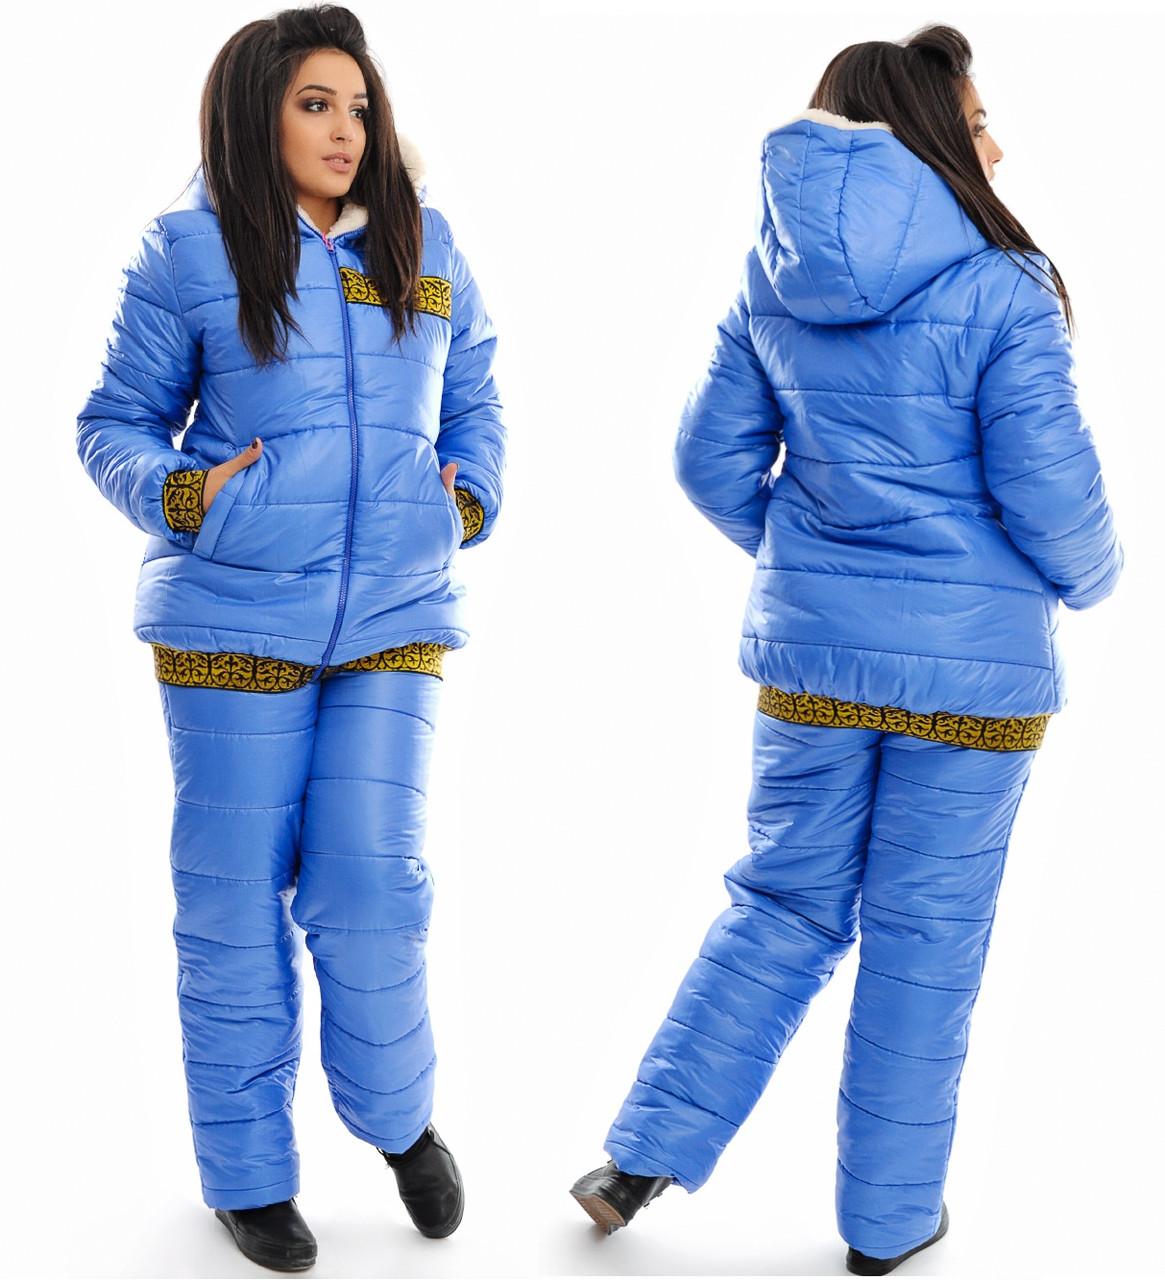 Зимние лыжные костюмы женские с доставкой